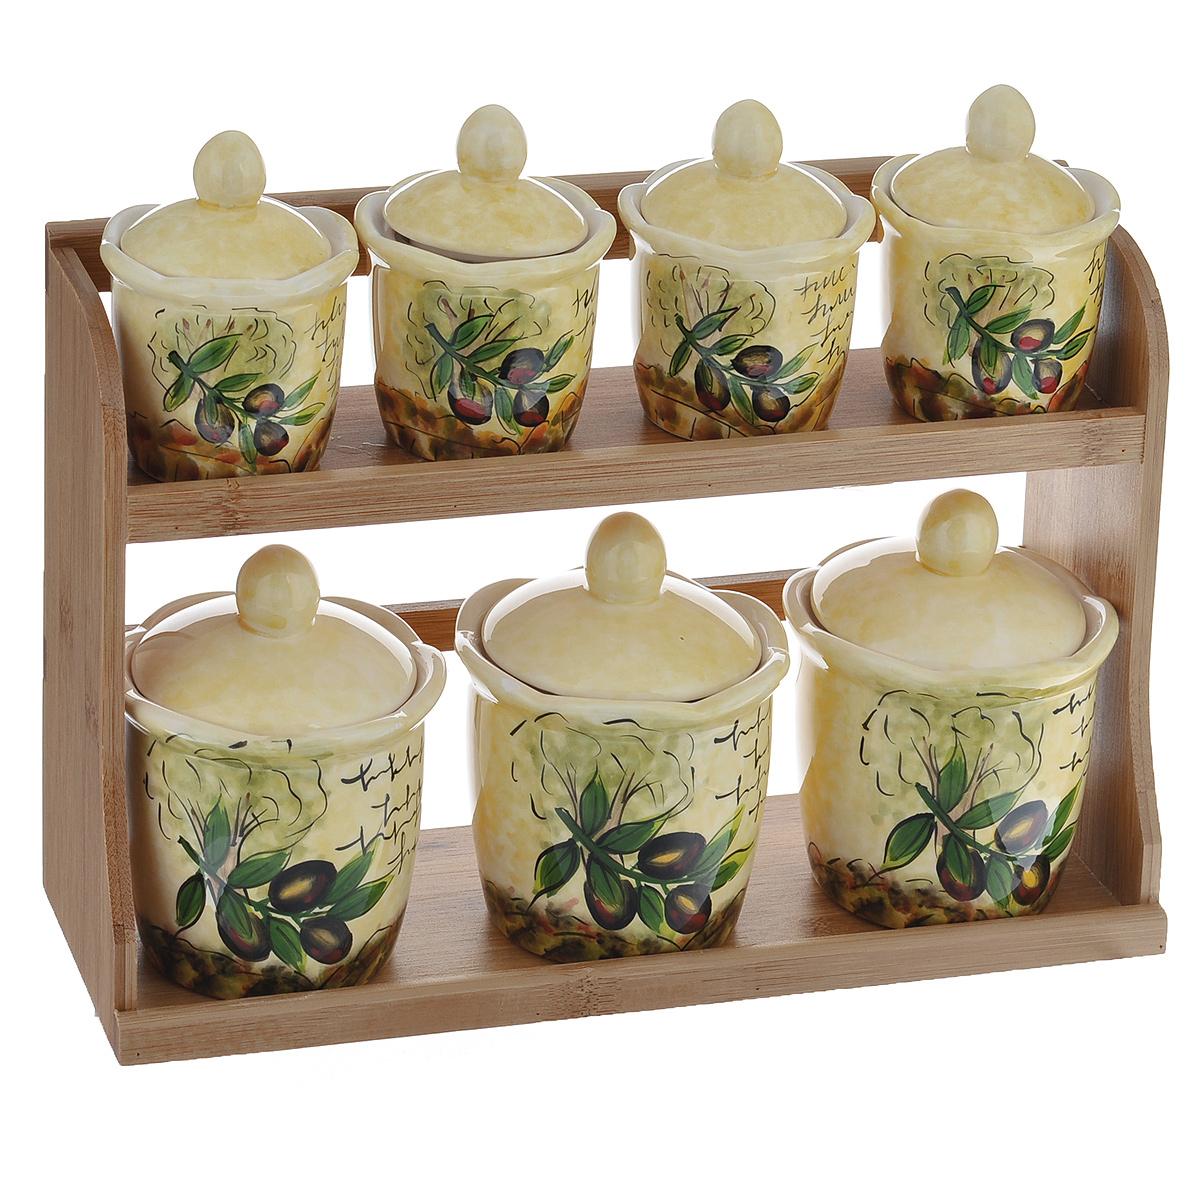 Набор банок для хранения сыпучих продуктов Маслины, 8 предметов79 02471Набор Маслины состоит из трех больших банок, четырех маленьких банок и подставки. Предметы набора изготовлены из доломитовой керамики и декорированы изображением маслин. Изделия помещаются на удобную деревянную подставку. Оригинальный дизайн, эстетичность и функциональность набора позволят ему стать достойным дополнением к кухонному инвентарю.Можно мыть в посудомоечной машине на минимальной температуре.Диаметр основания большой емкости: 7 см.Высота большой емкости (без учета крышки): 9 см.Диаметр основания маленькой емкости: 5,5 см.Высота маленькой емкости (без учета крышки): 6,5 см.Размер подставки: 31,5 см х 11 см х 20,5 см.